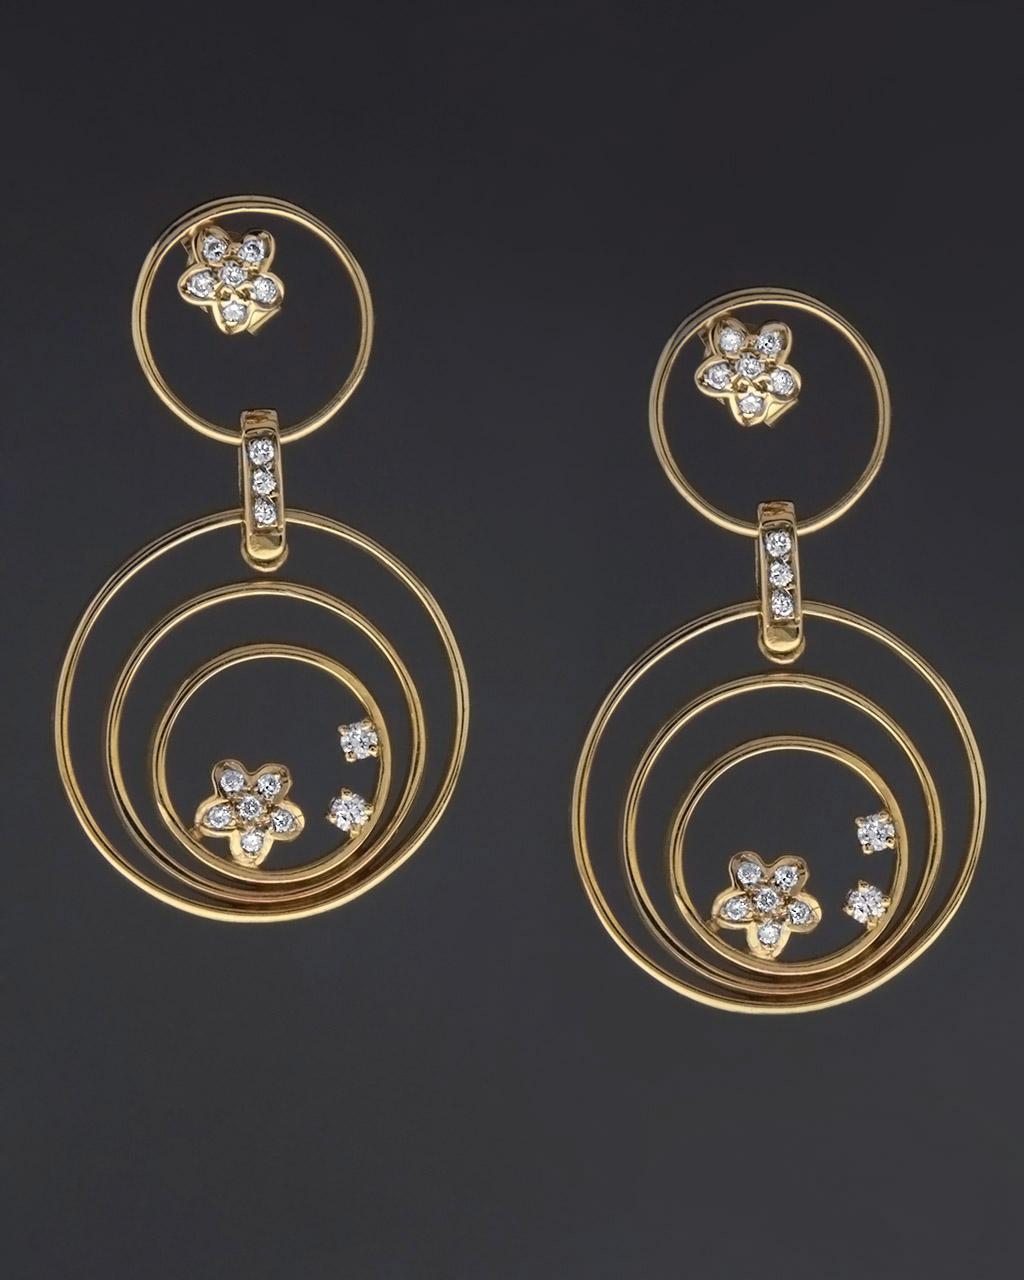 Σκουλαρίκια Κρίκοι χρυσά Κ18 με Διαμάντια   γυναικα σκουλαρίκια σκουλαρίκια κρίκοι